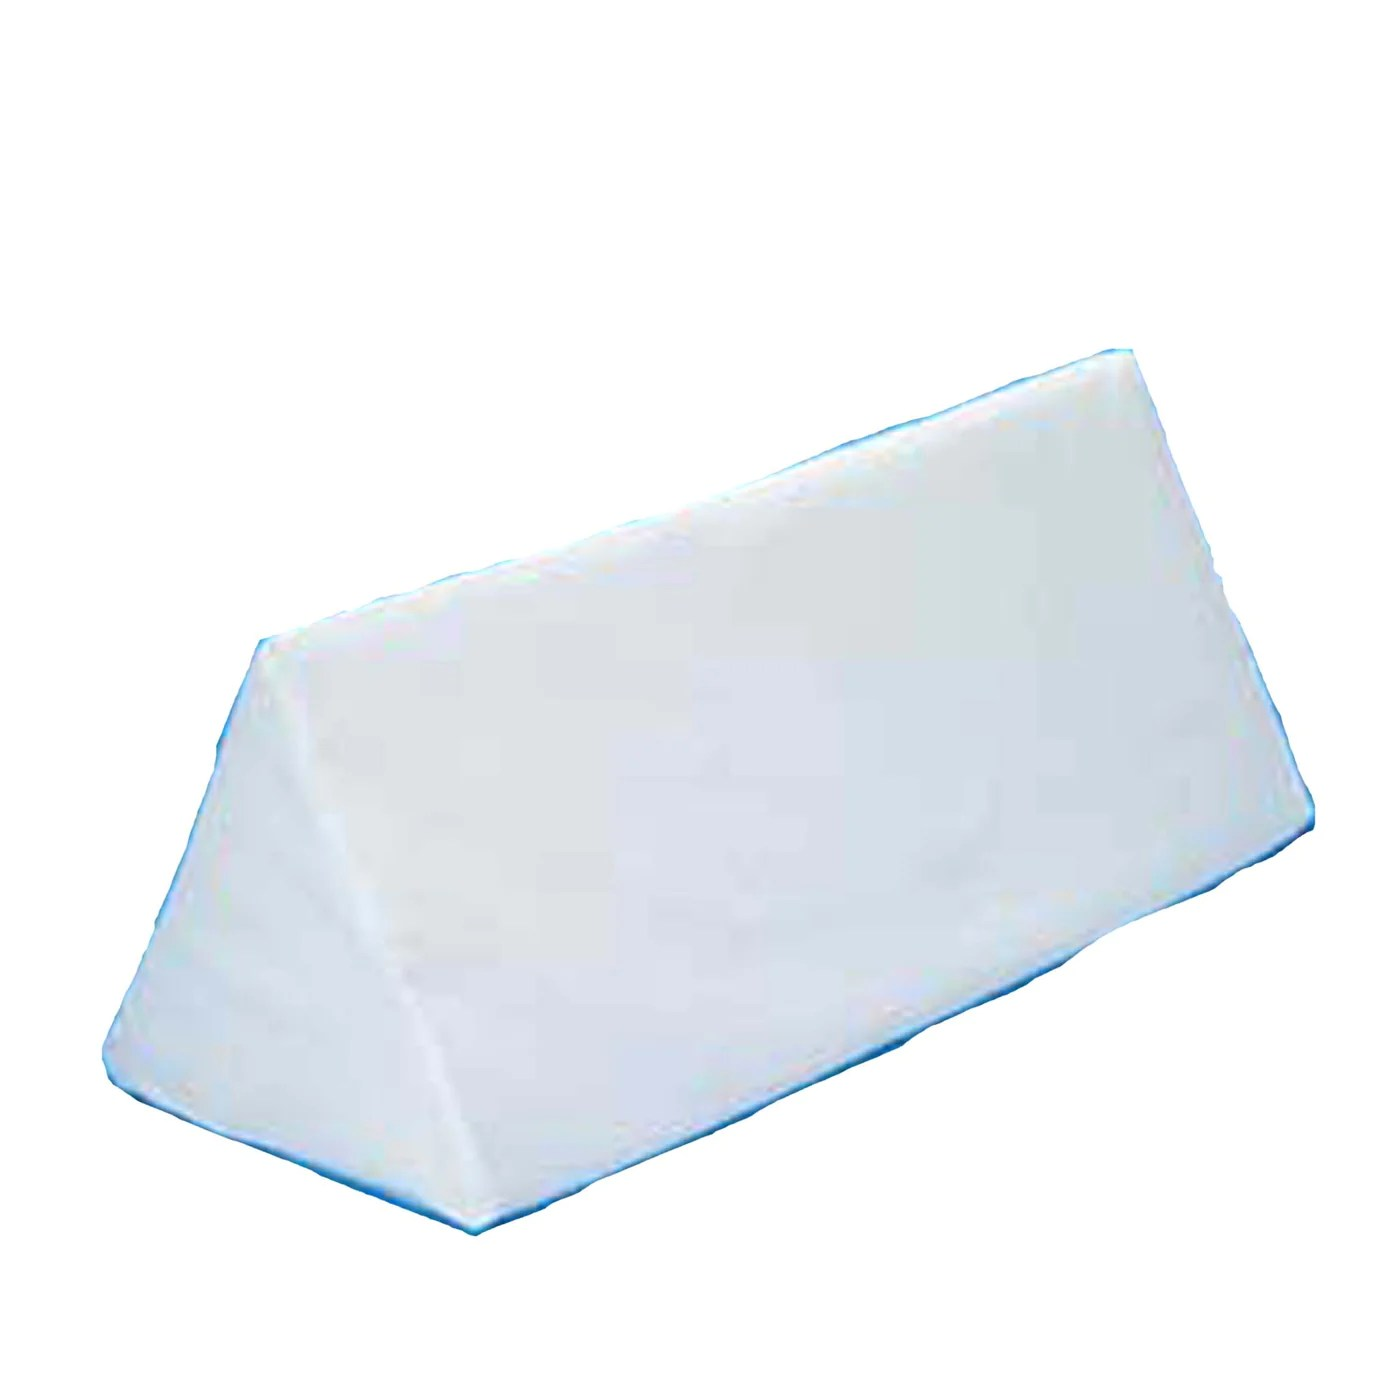 hermell body aligner pillow fw2385